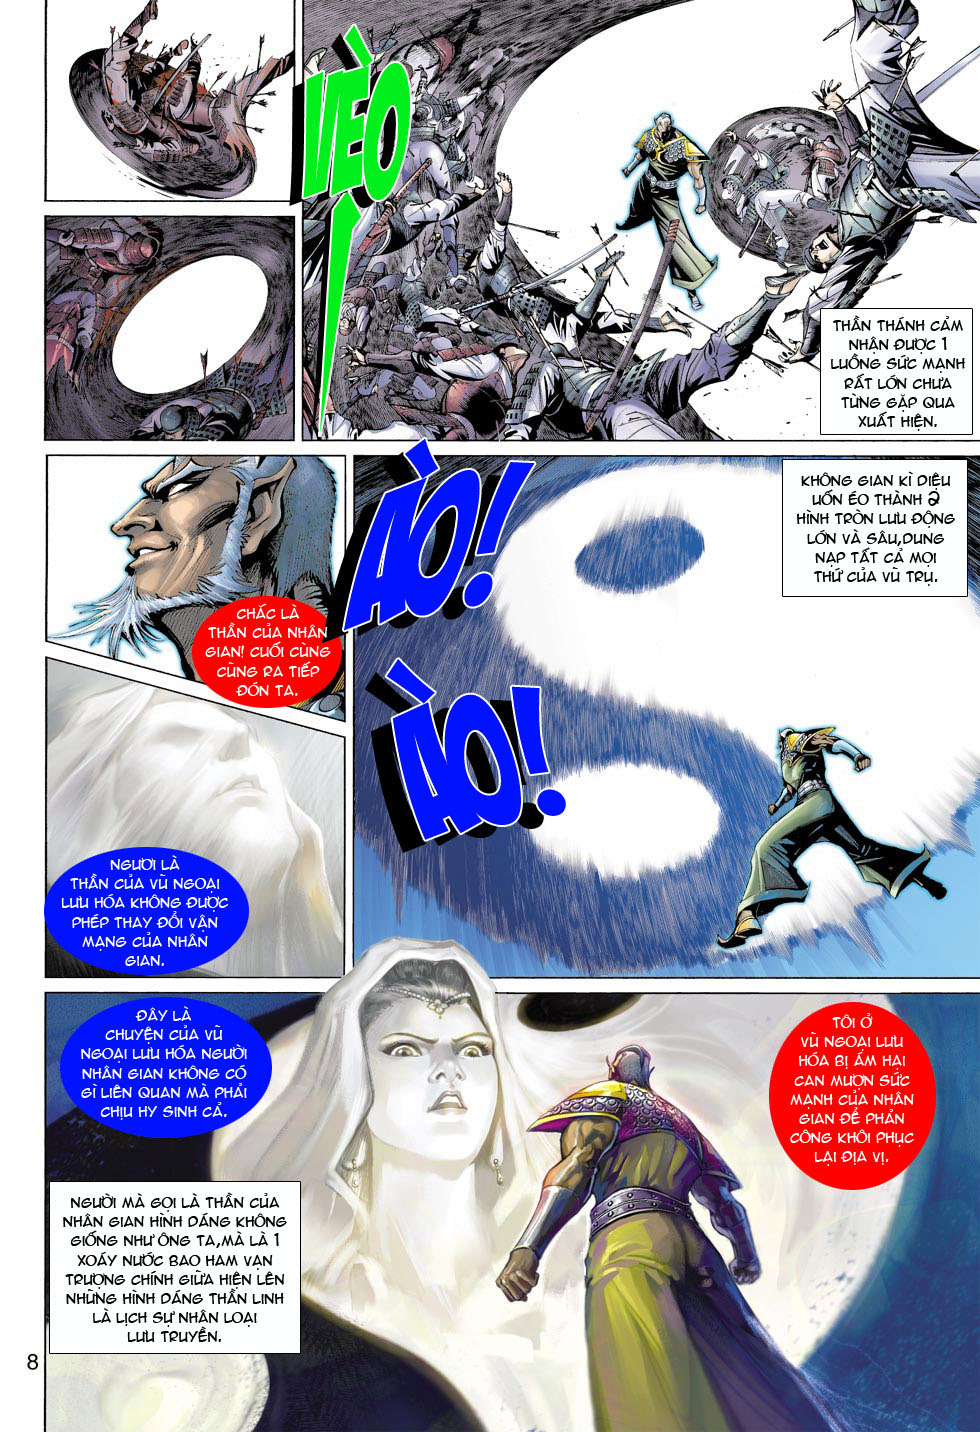 Thần Binh 4 chap 12 - Trang 9